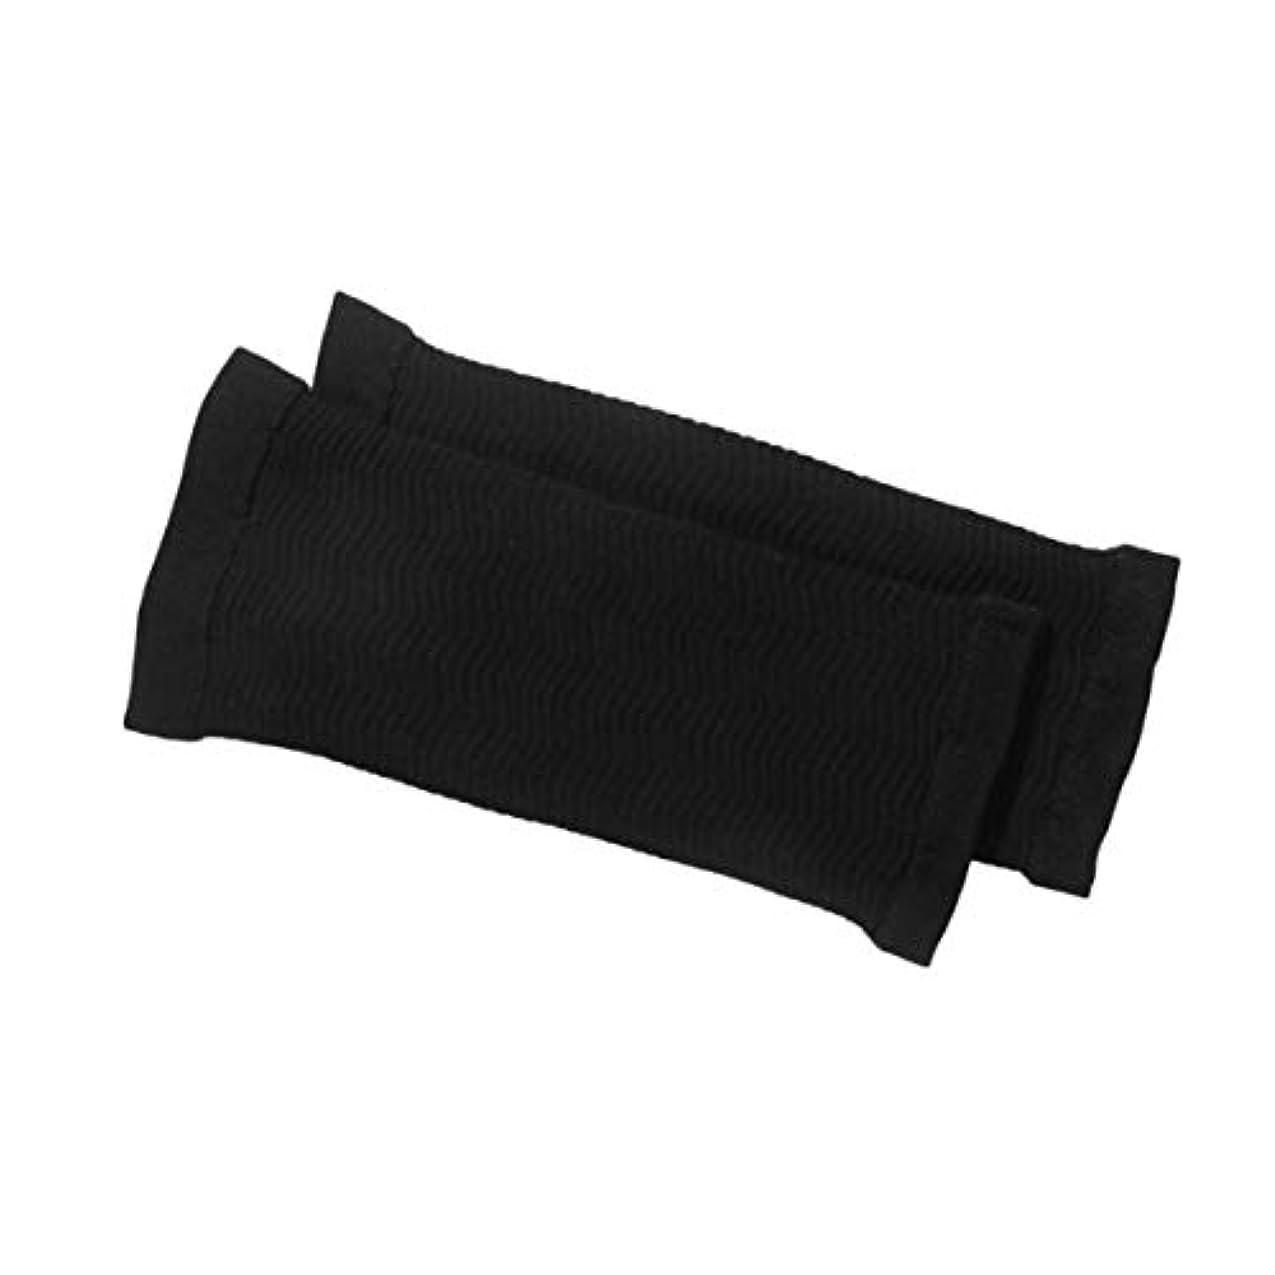 ドループ大惨事エキスパート1ペア420 D圧縮痩身アームスリーブワークアウトトーニングバーンセルライトシェイパー脂肪燃焼袖用女性 - 黒